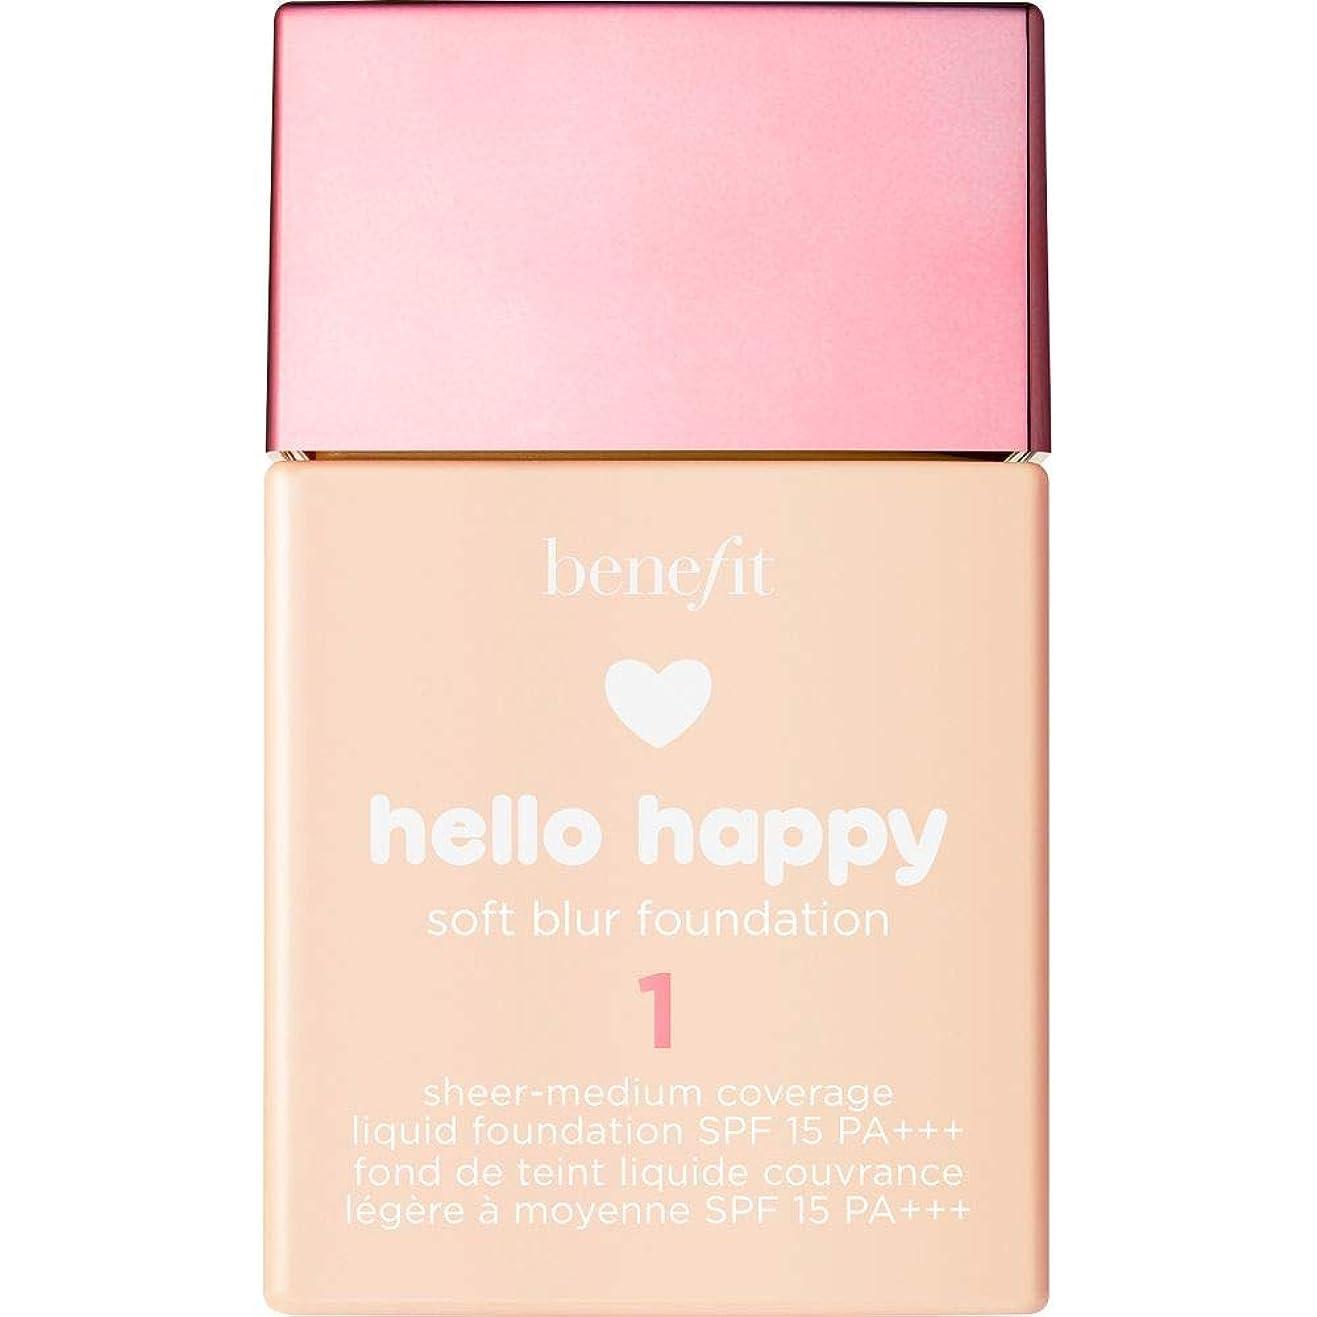 サイズホスト船上[Benefit ] こんにちは幸せなソフトブラー基礎Spf15 30ミリリットル1に利益をもたらす - 公正なクールを - Benefit Hello Happy Soft Blur Foundation SPF15 30ml 1 - Fair Cool [並行輸入品]